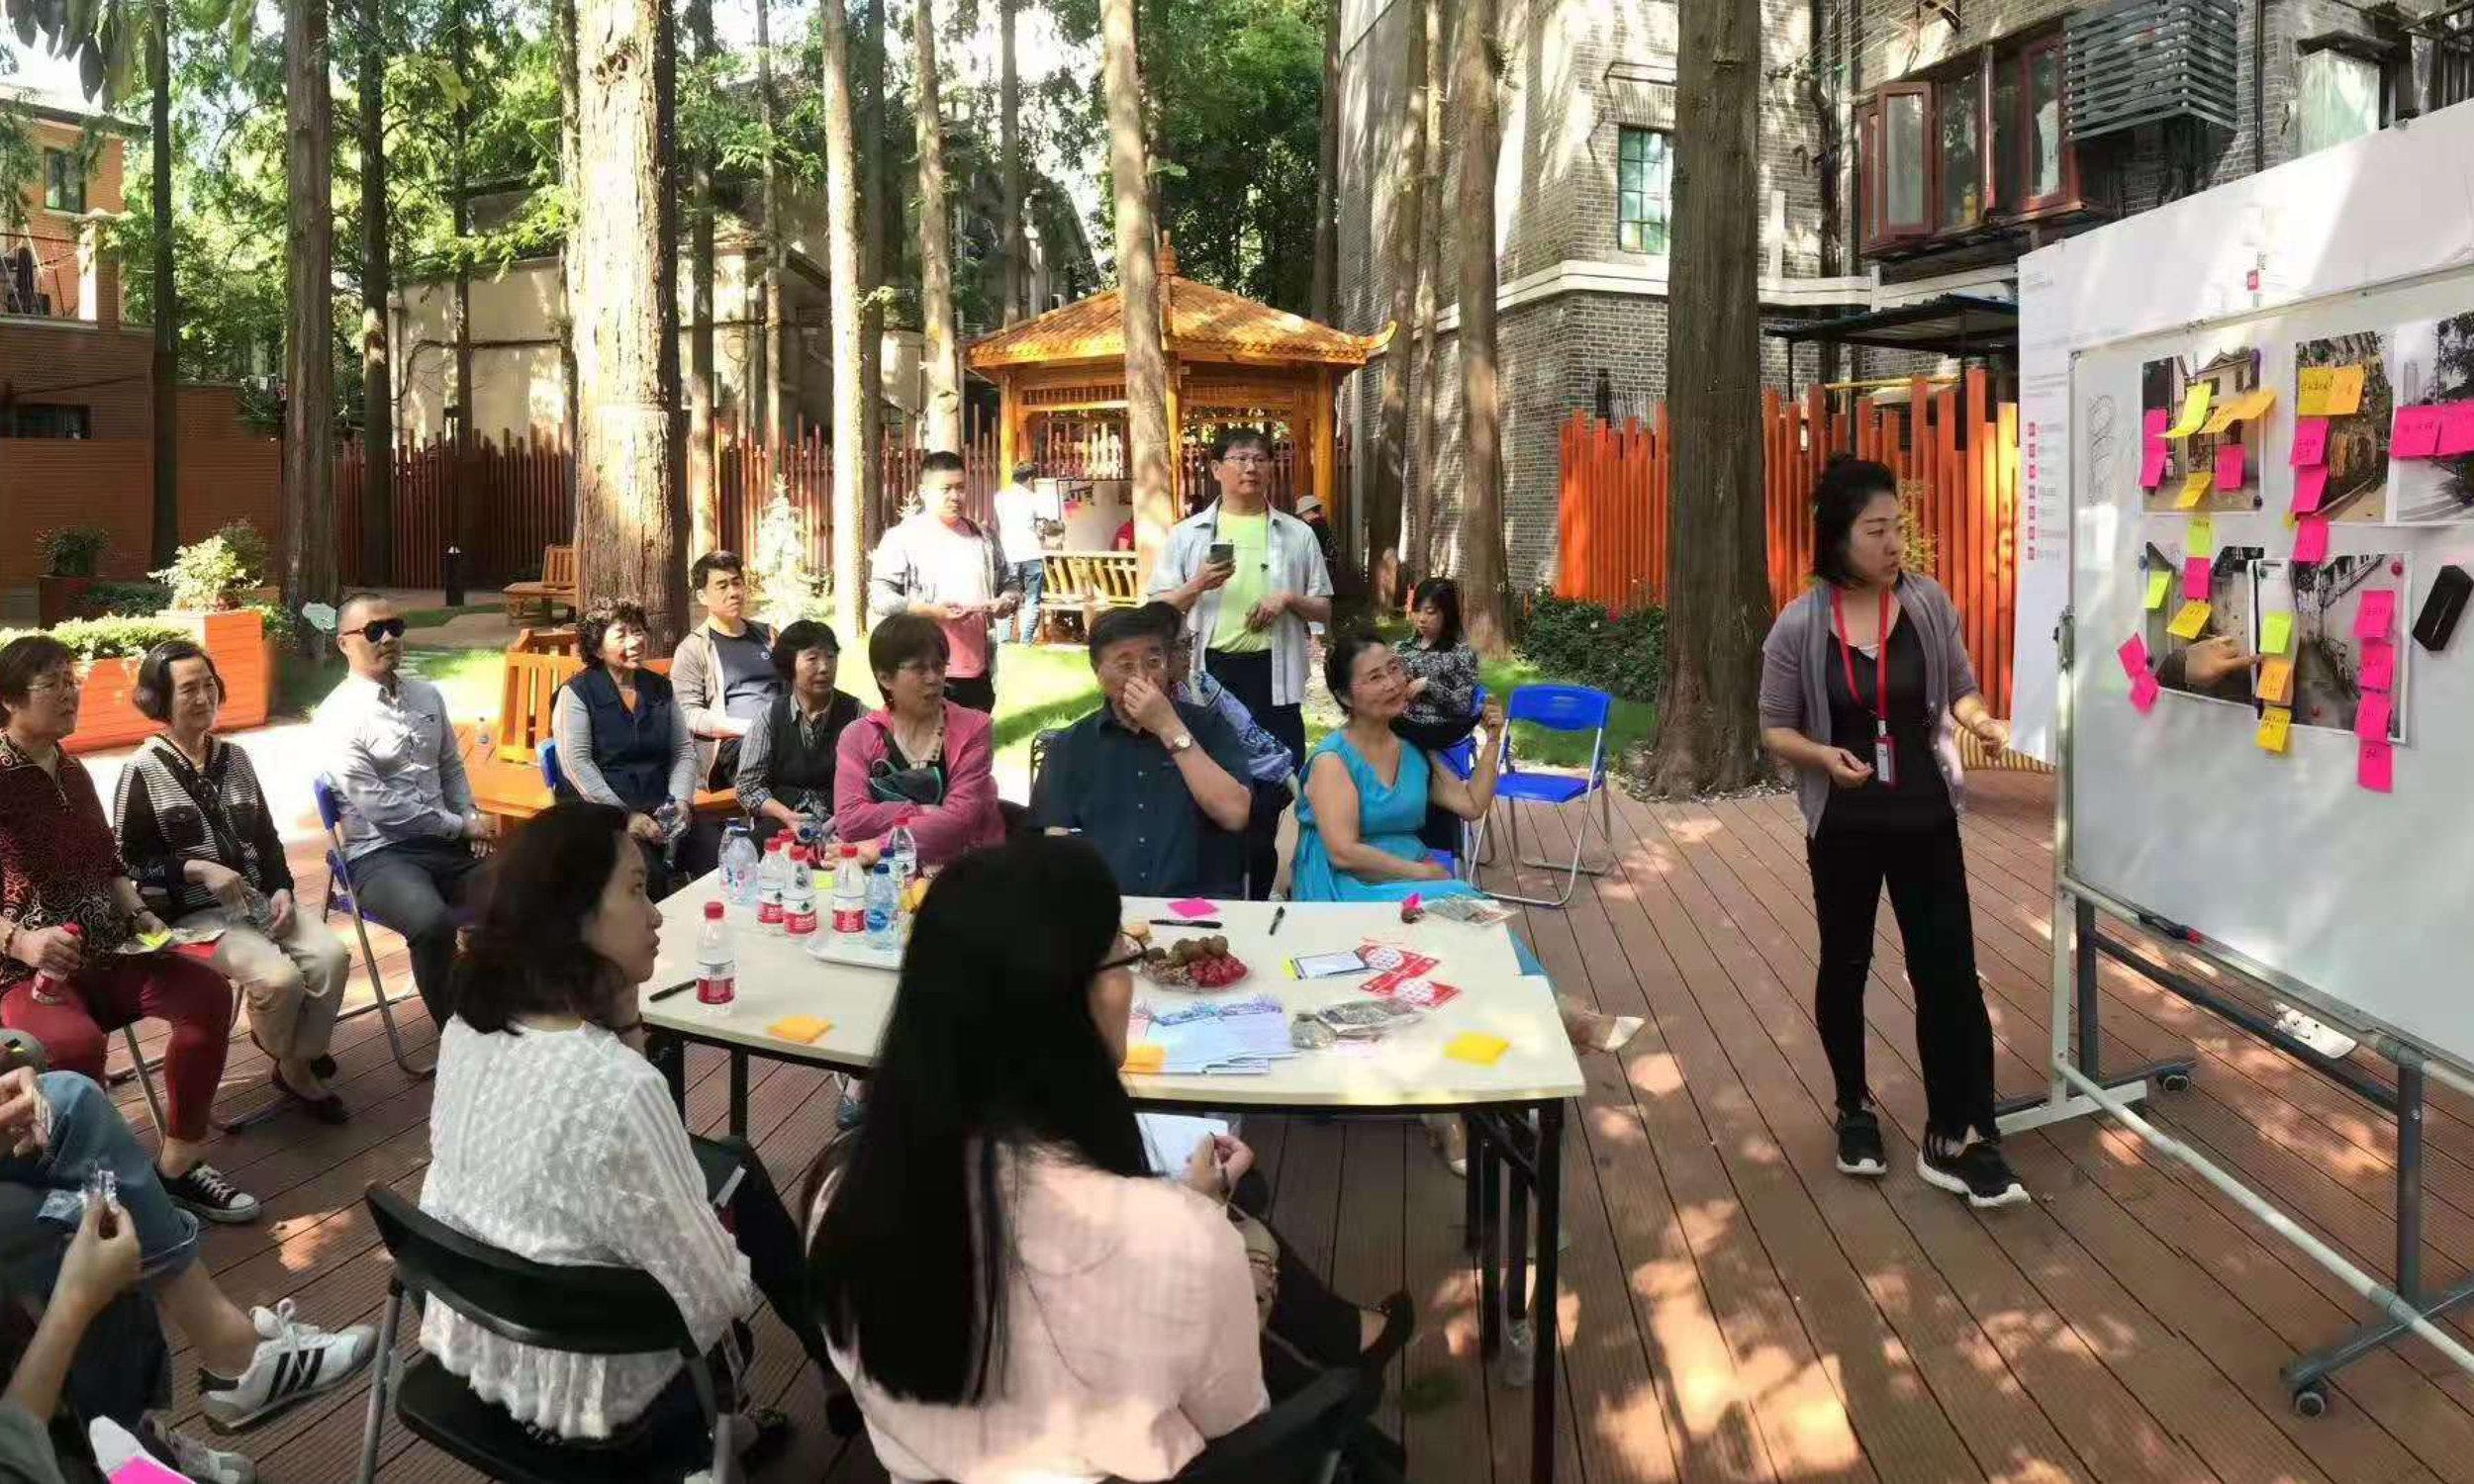 Interactive workshops have been held.